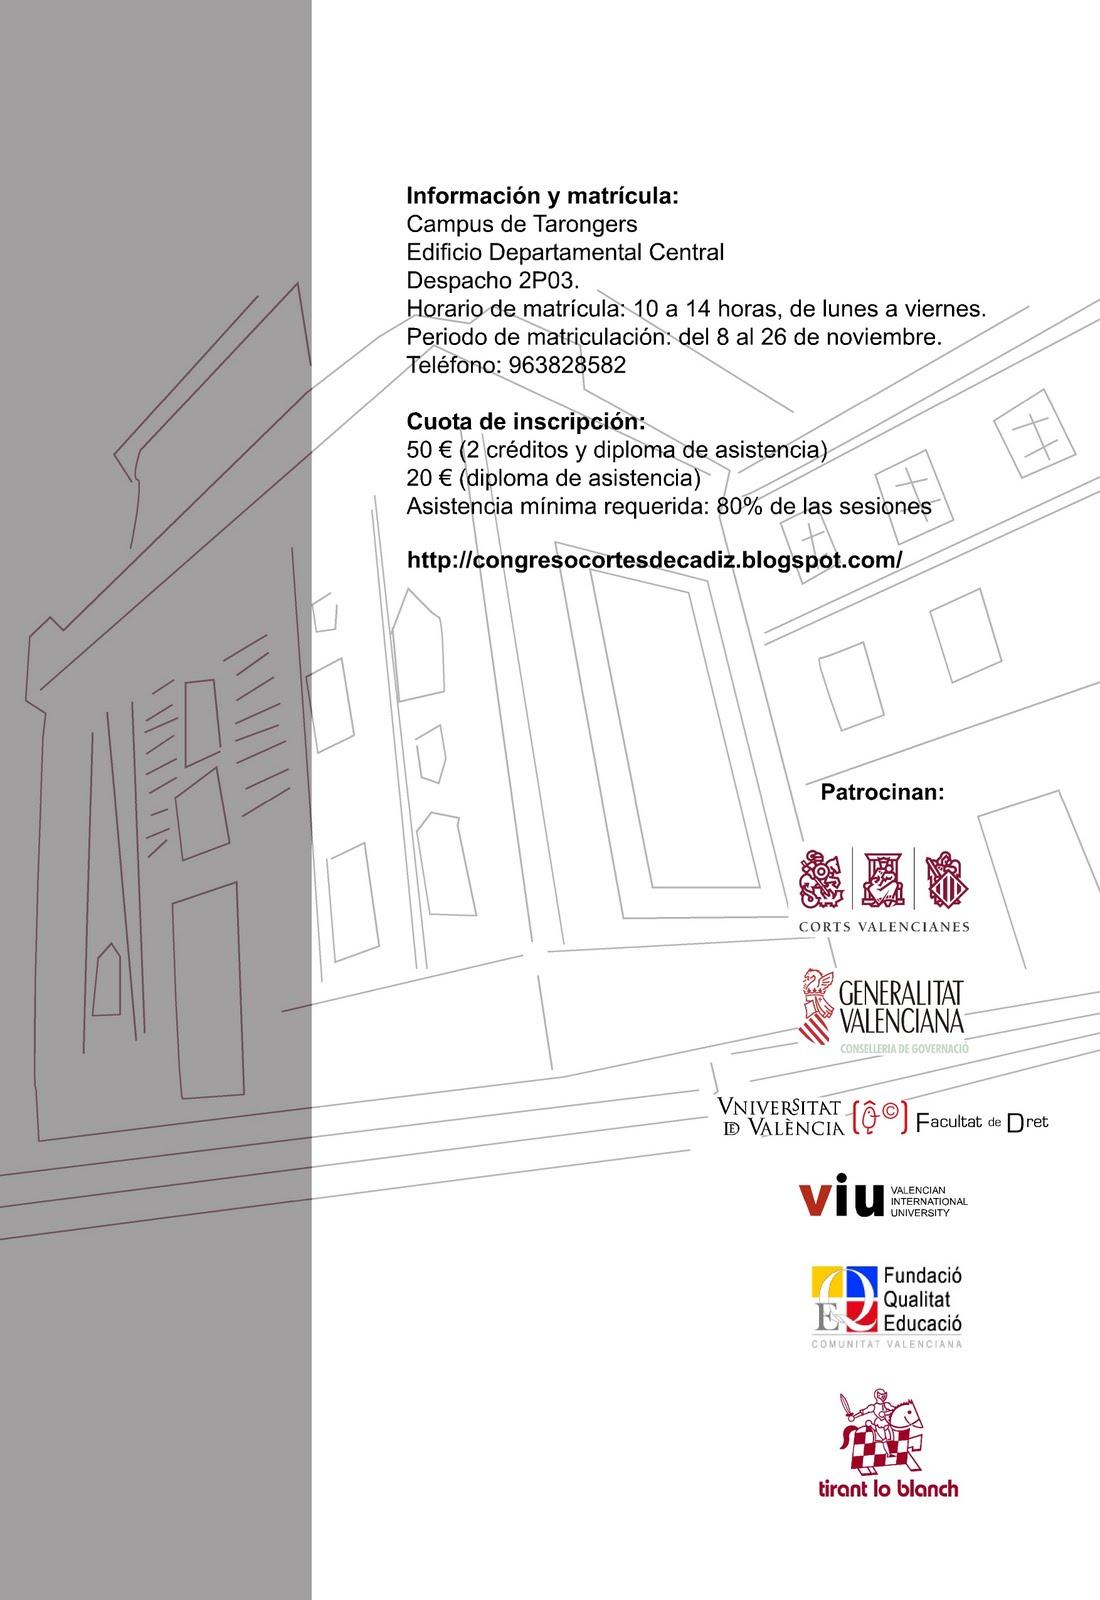 http://4.bp.blogspot.com/_NlGWvrksxYM/TNb_rIu7vqI/AAAAAAAAAVA/msuqoZ1I7nw/s1600/05_Programa_Cortes_Cadiz.jpg